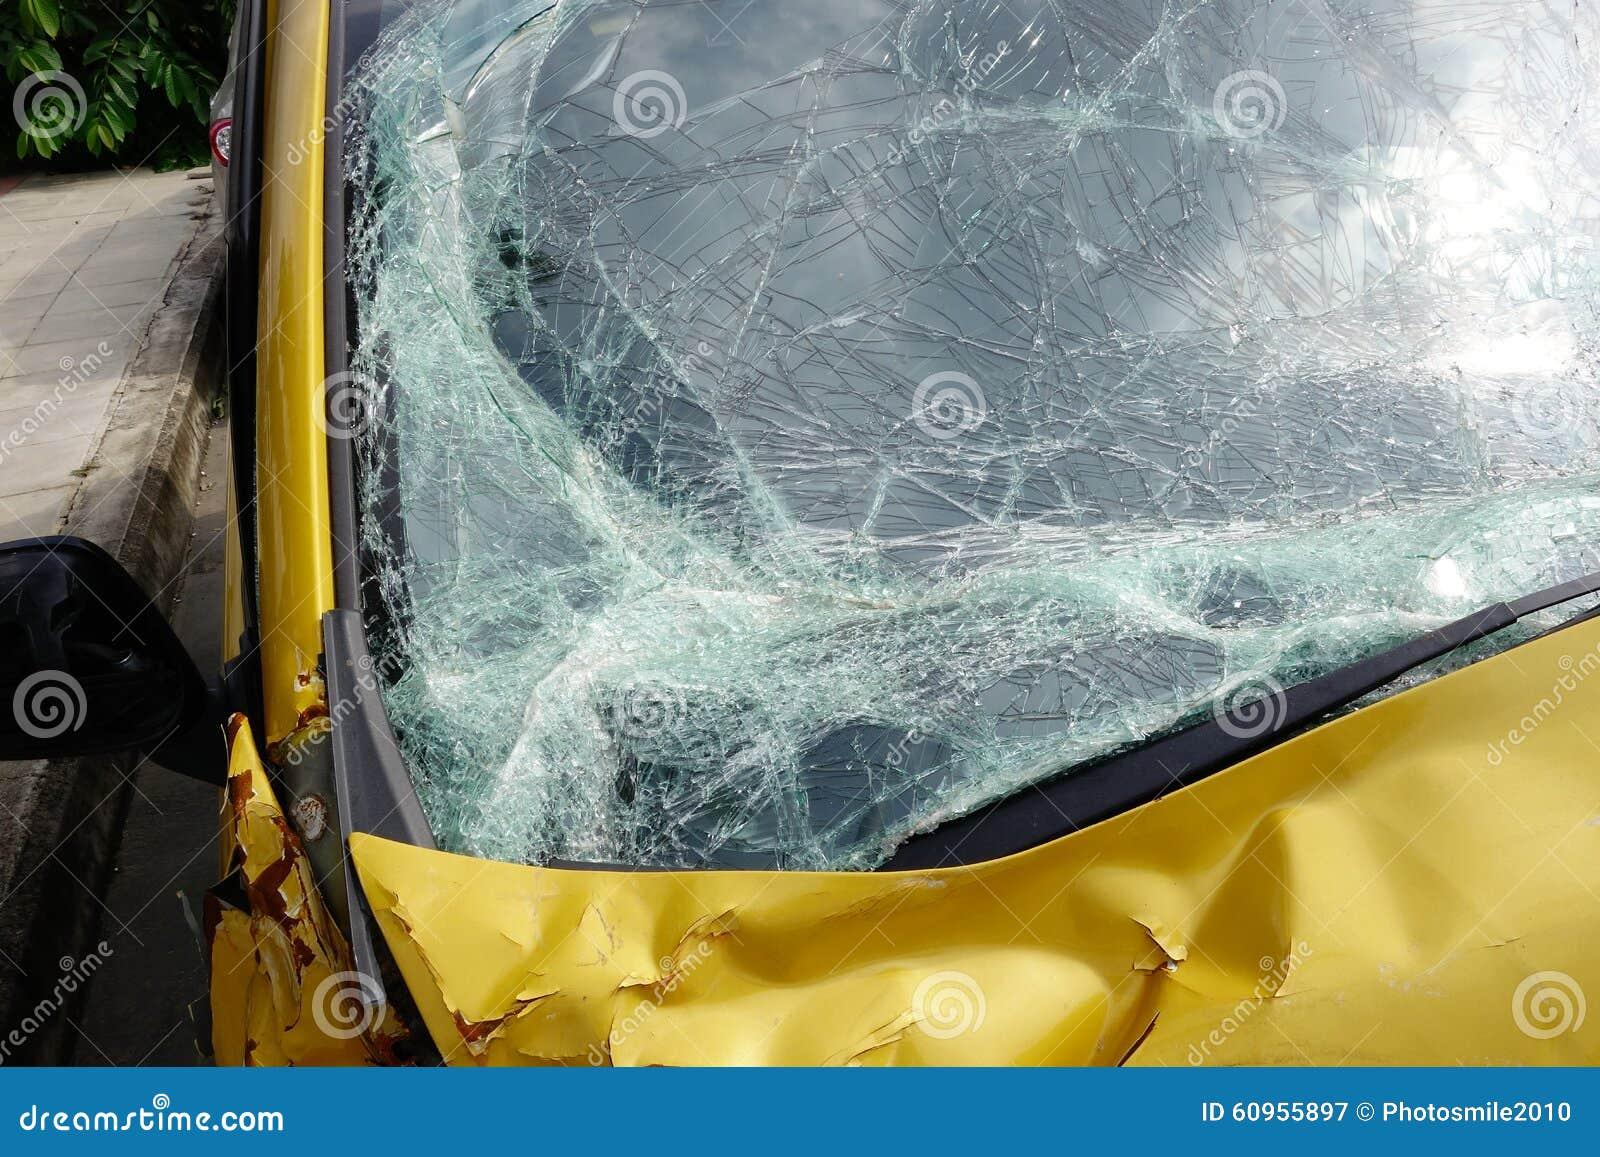 Finestra rotta fotografia stock immagine 60955897 - La finestra rotta ...